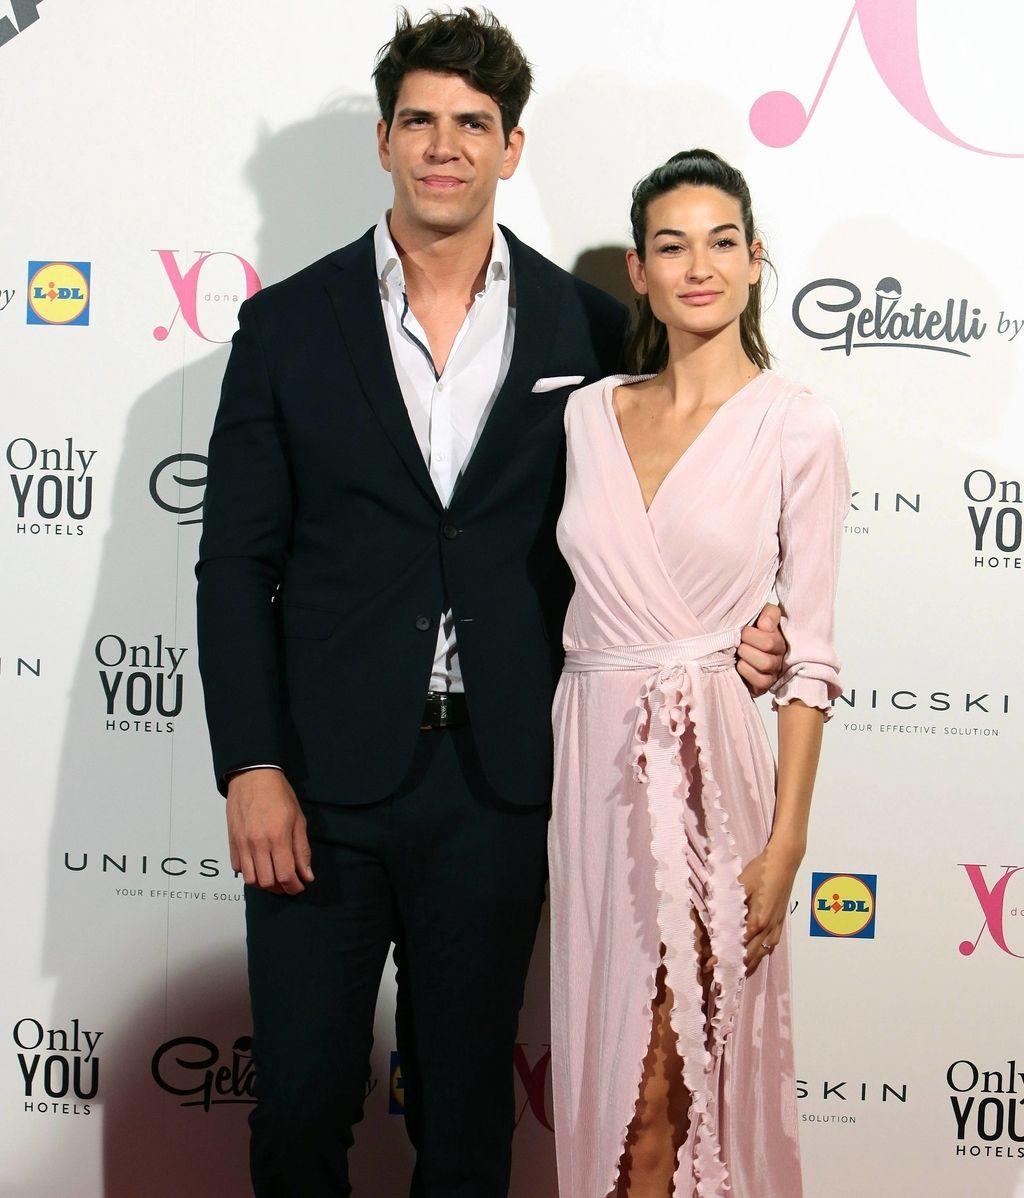 Diego Matamoros, en traje de chaqueta negro, junto a su novia, Estela Grande, con vestido rosa pastel de abertura lateral